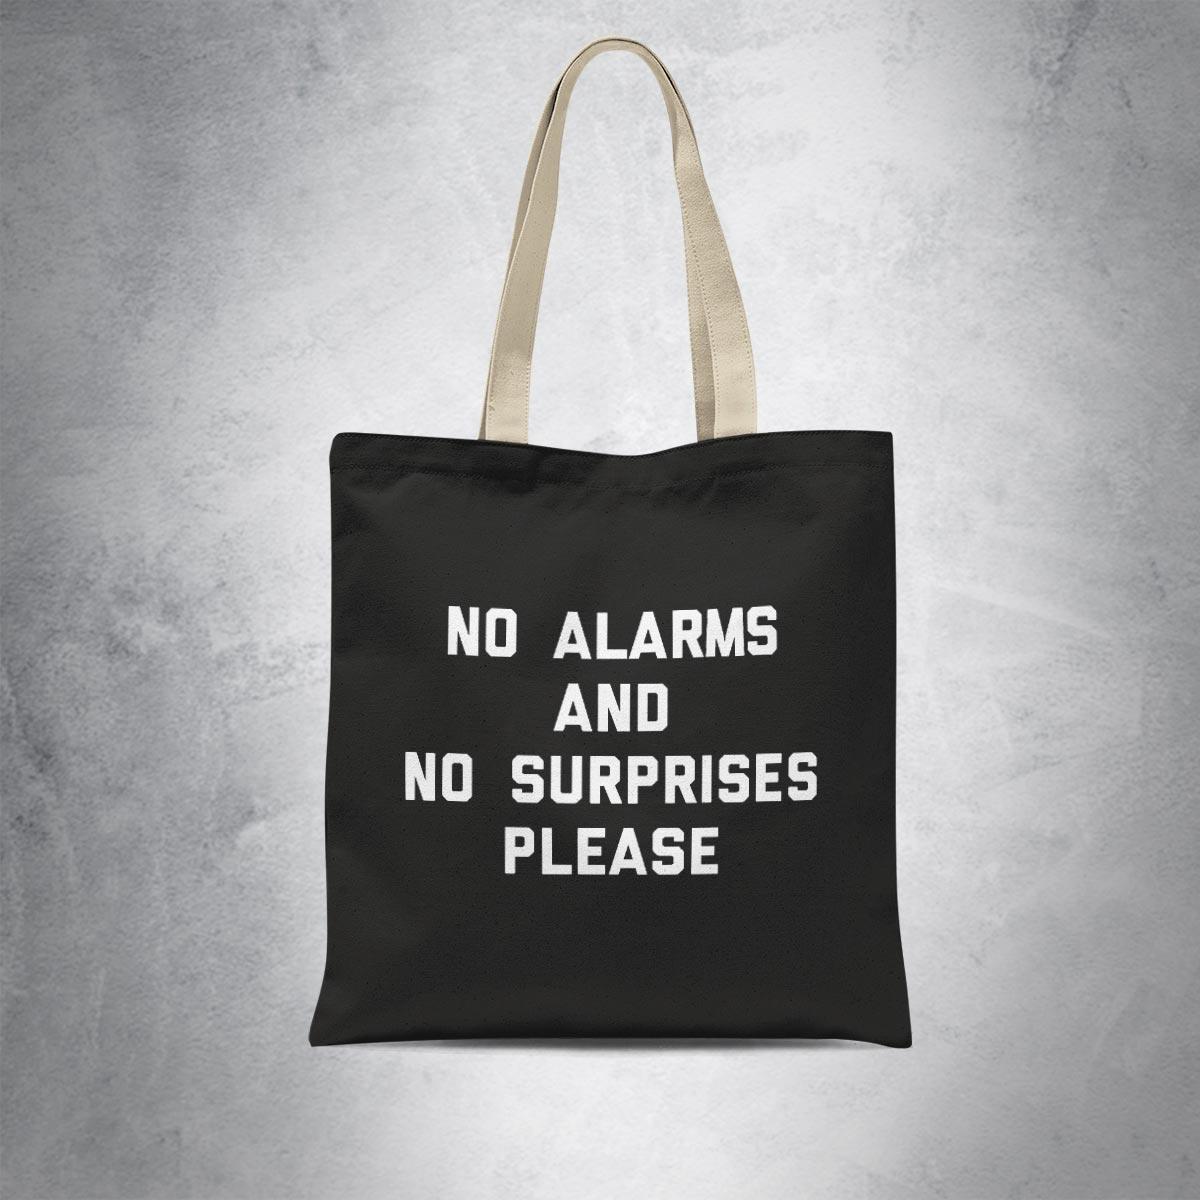 RADIOHEAD - No alarms and no surprises please